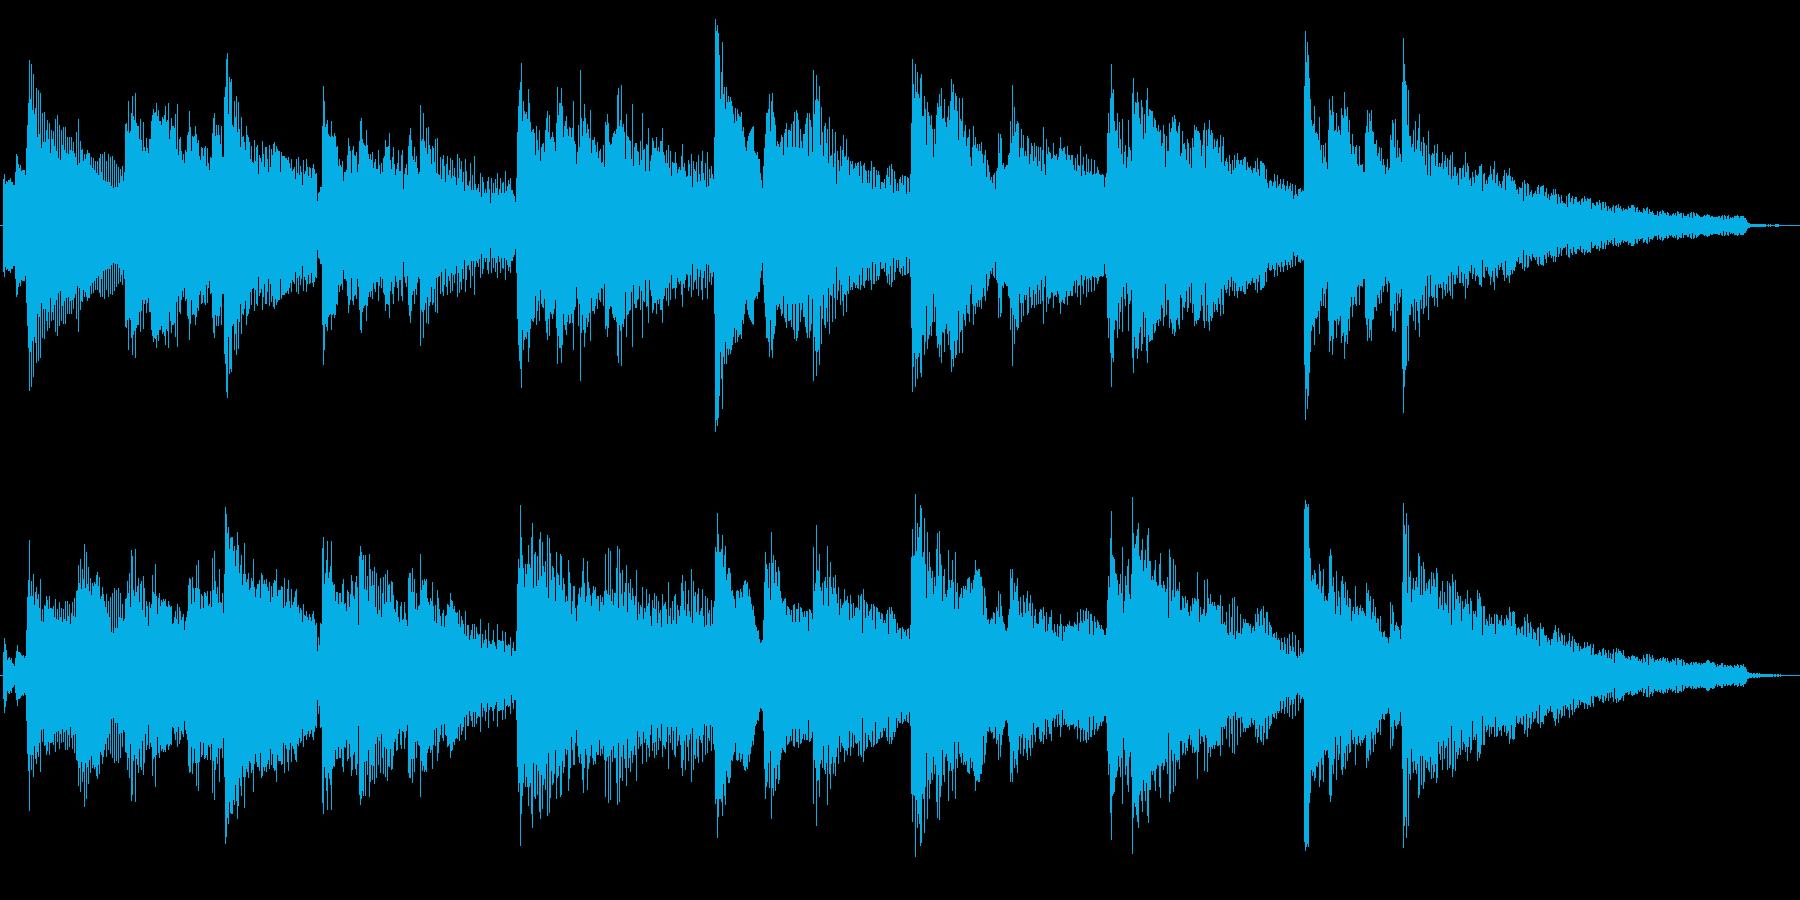 夜のニュース番組風ピアノ ジングル 素材の再生済みの波形